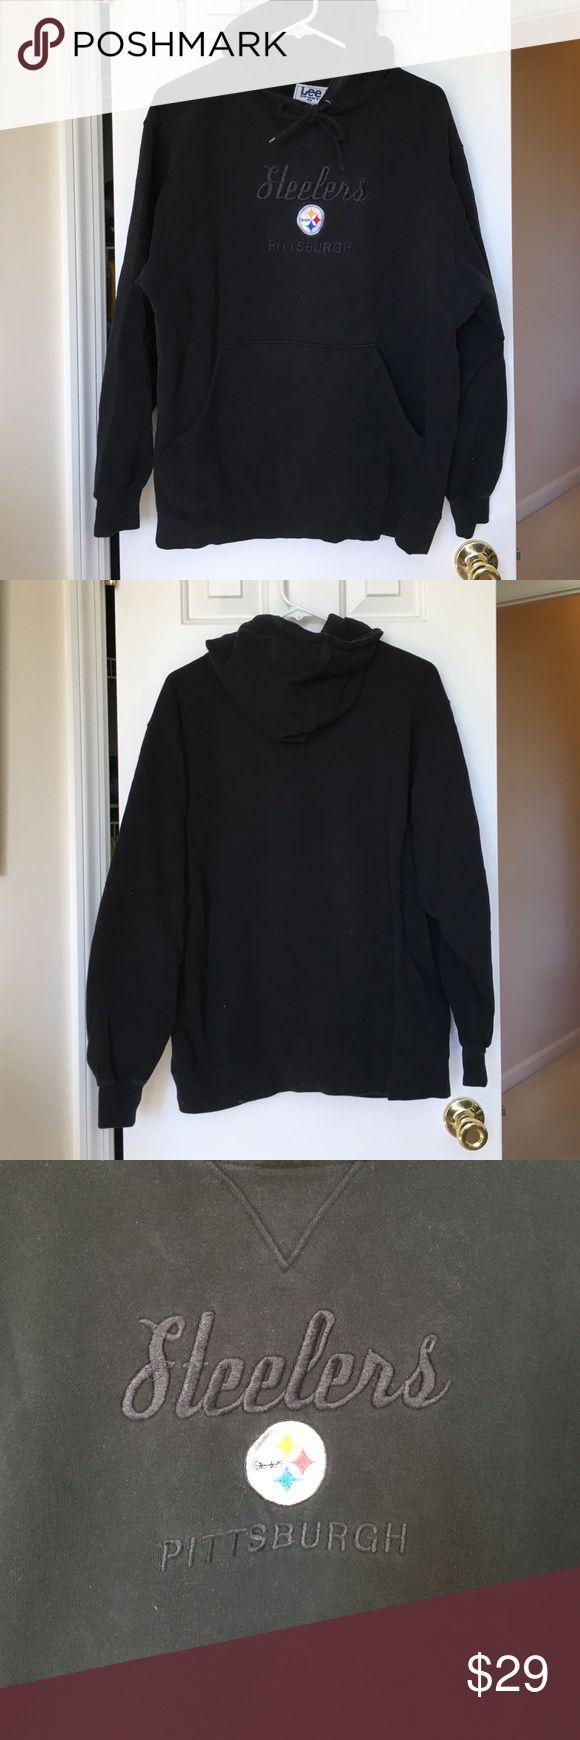 Men's Steeler sweatshirt/hoodie. Never worn Black Steeler Hoodie/Sweatshirt with pocket pouch in front. New. Washed but never worn. Lee Shirts Sweatshirts & Hoodies